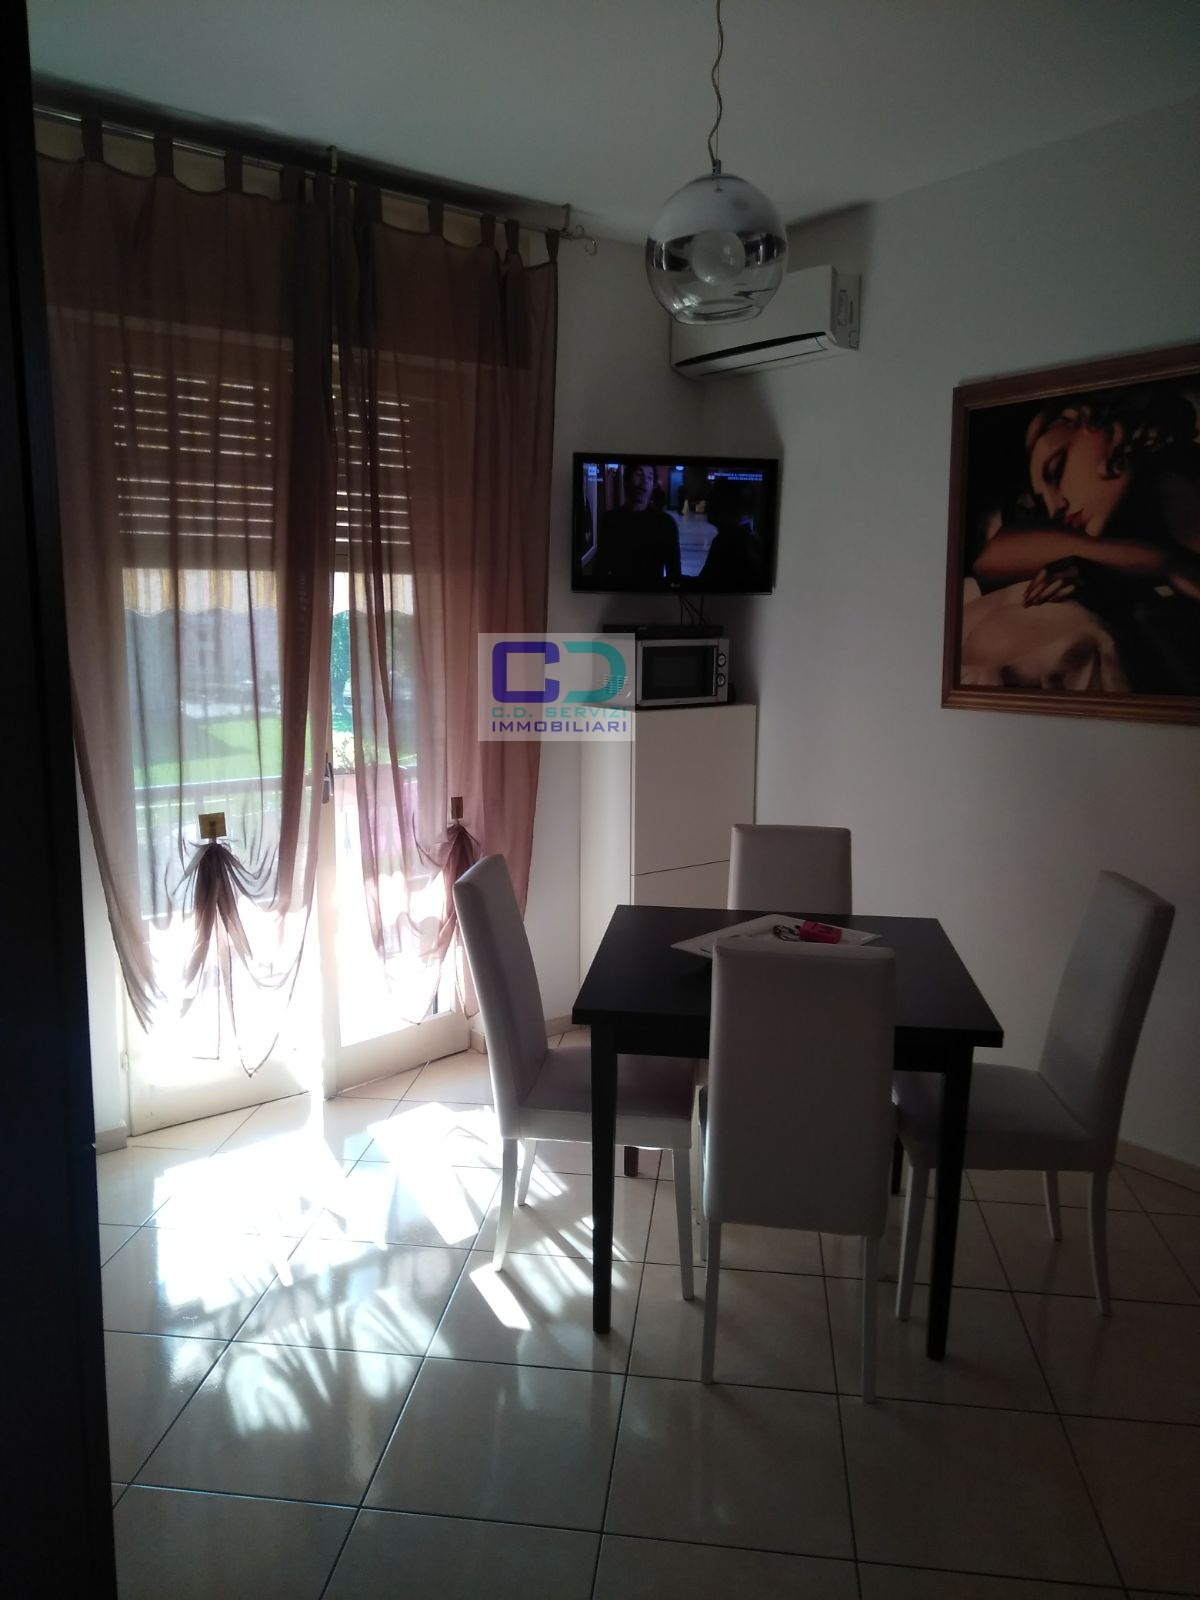 Appartamento in vendita a Truccazzano, 3 locali, zona Zona: Albignano, prezzo € 108.000 | CambioCasa.it